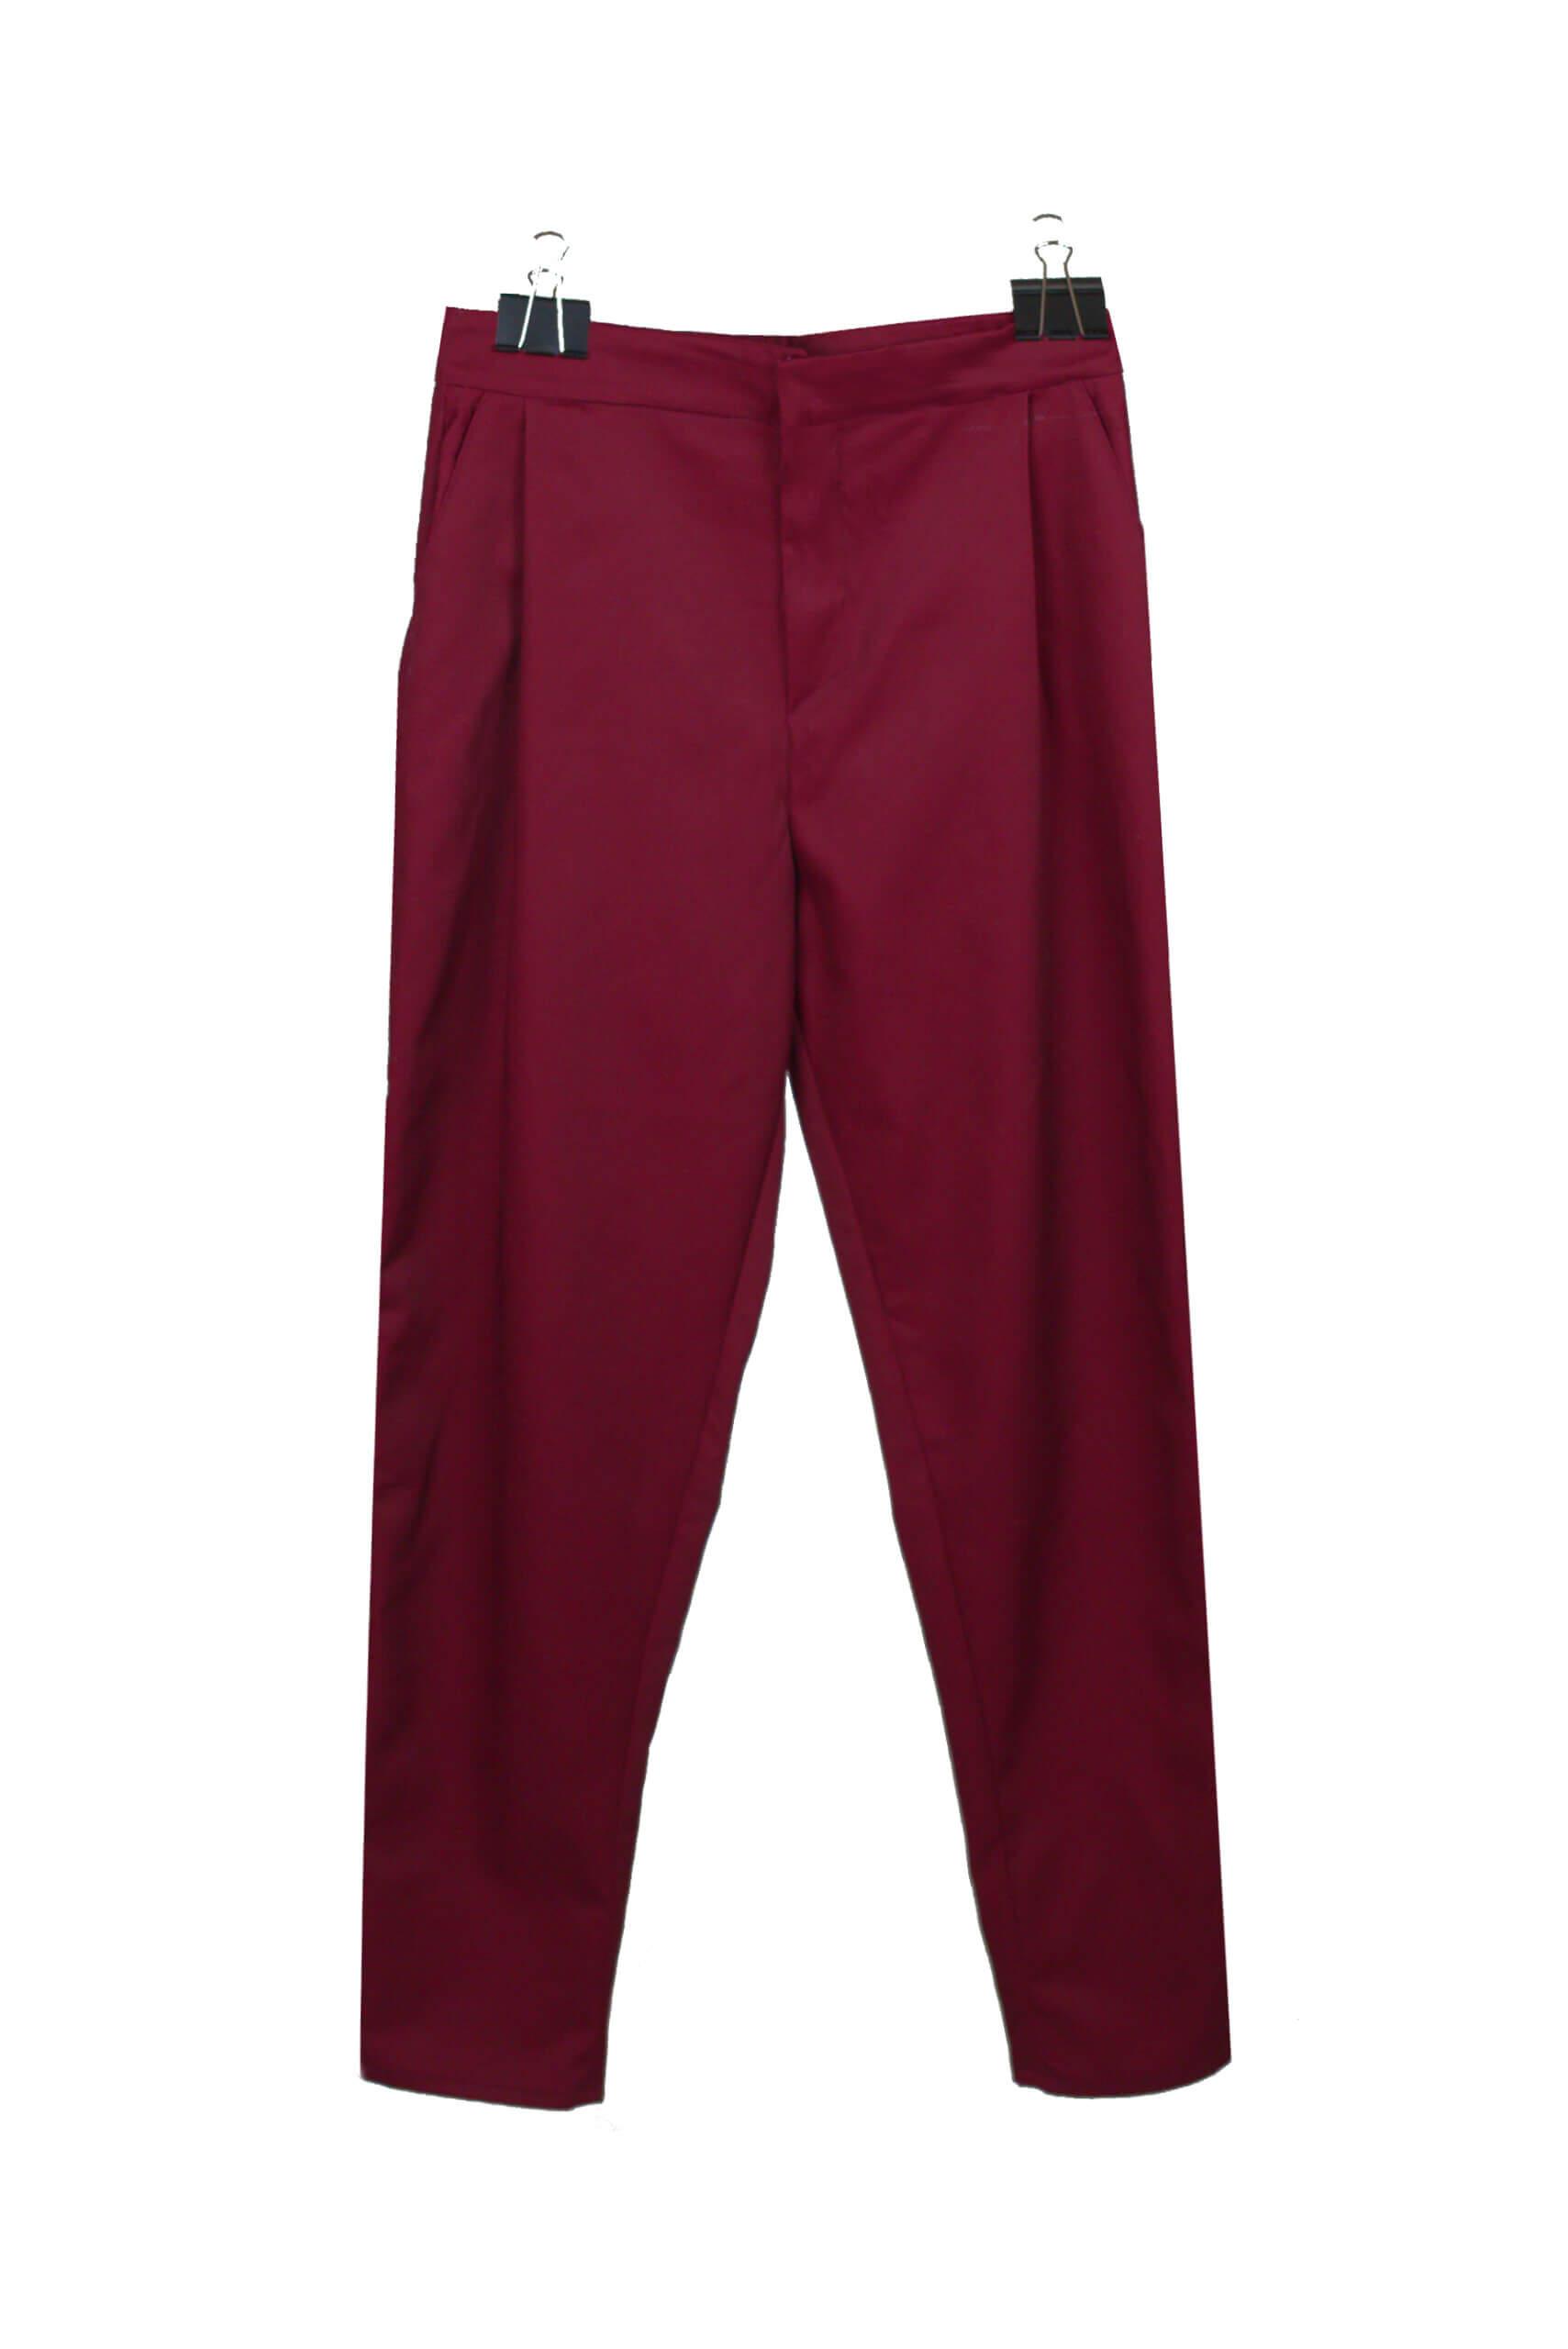 front plead pants